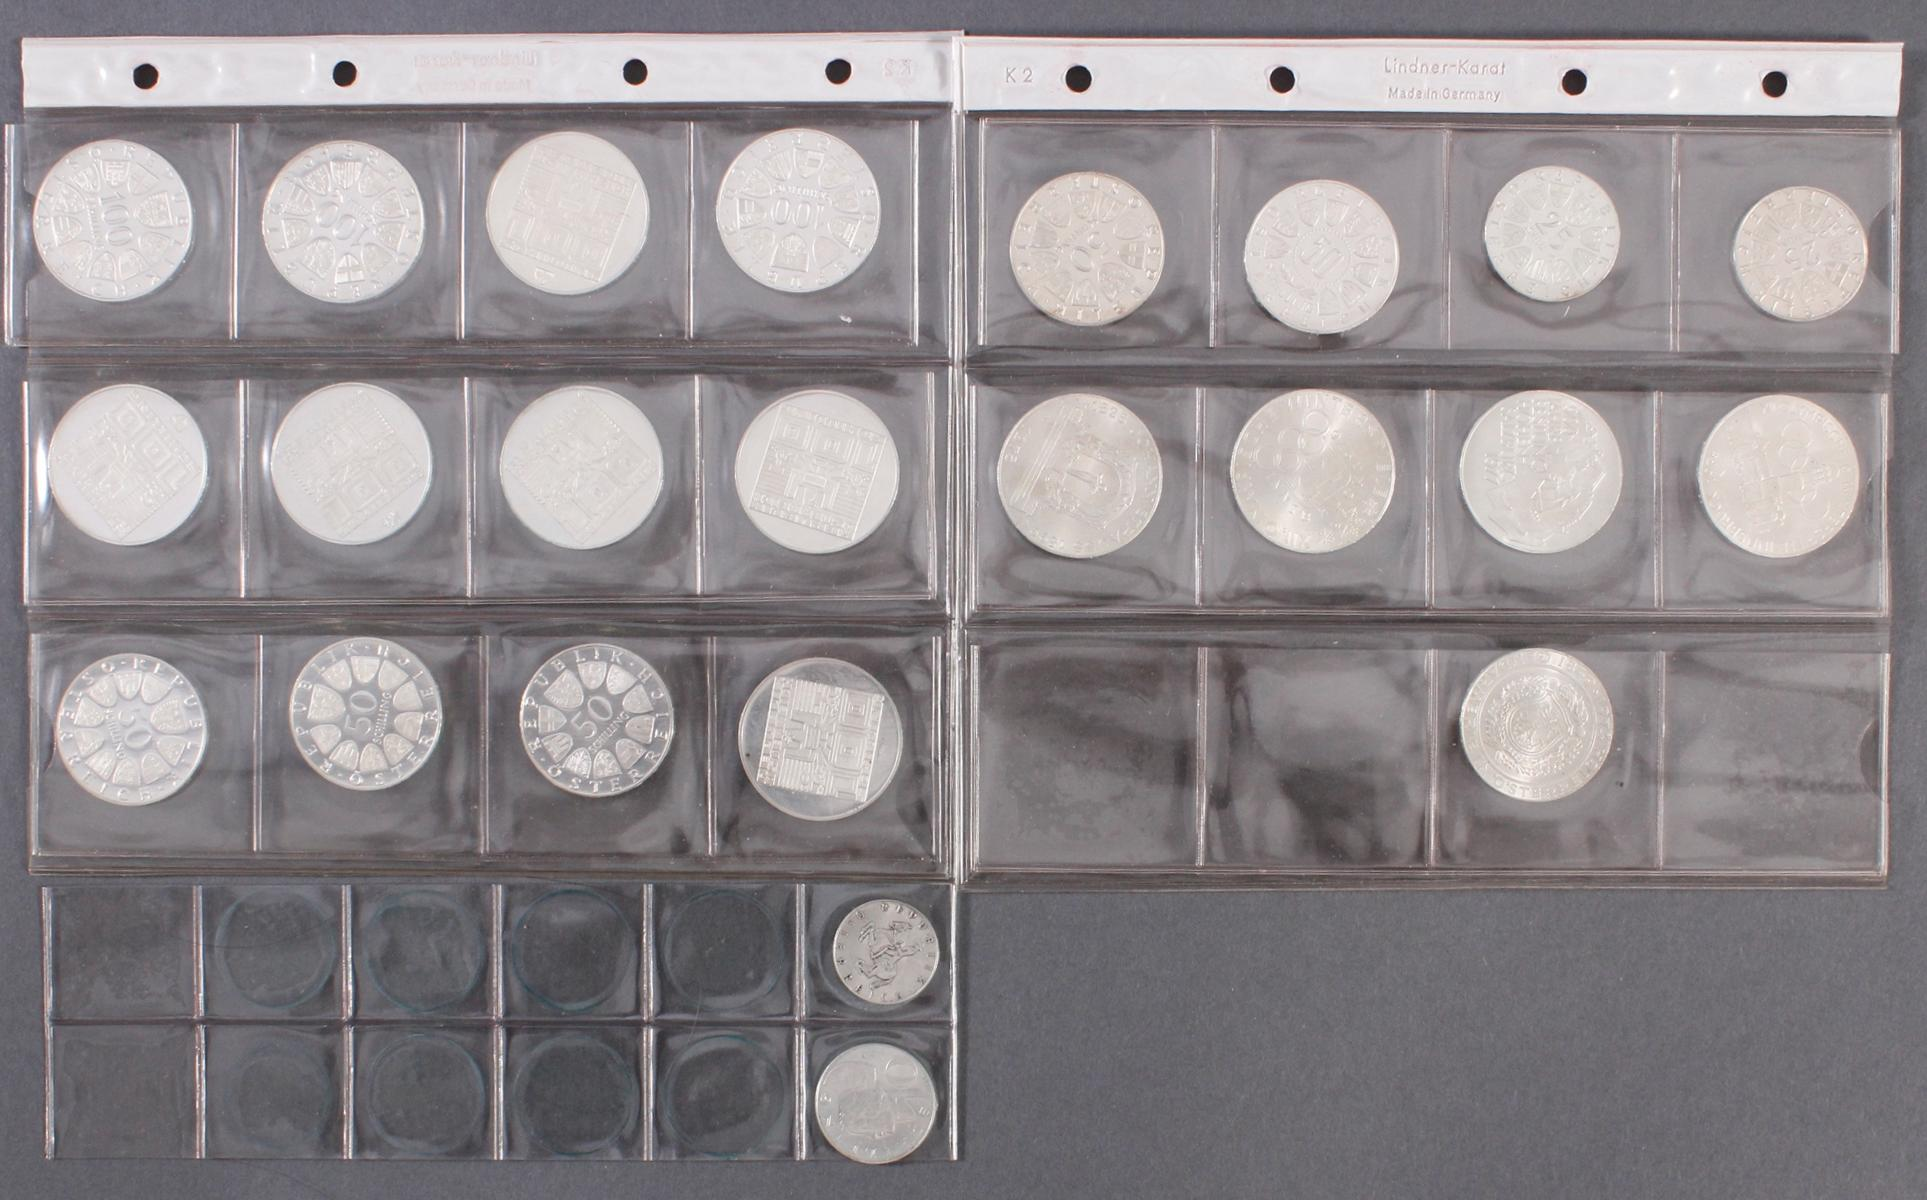 Schilling Münzen, u.a. 100, 50 und 5 Schilling-4